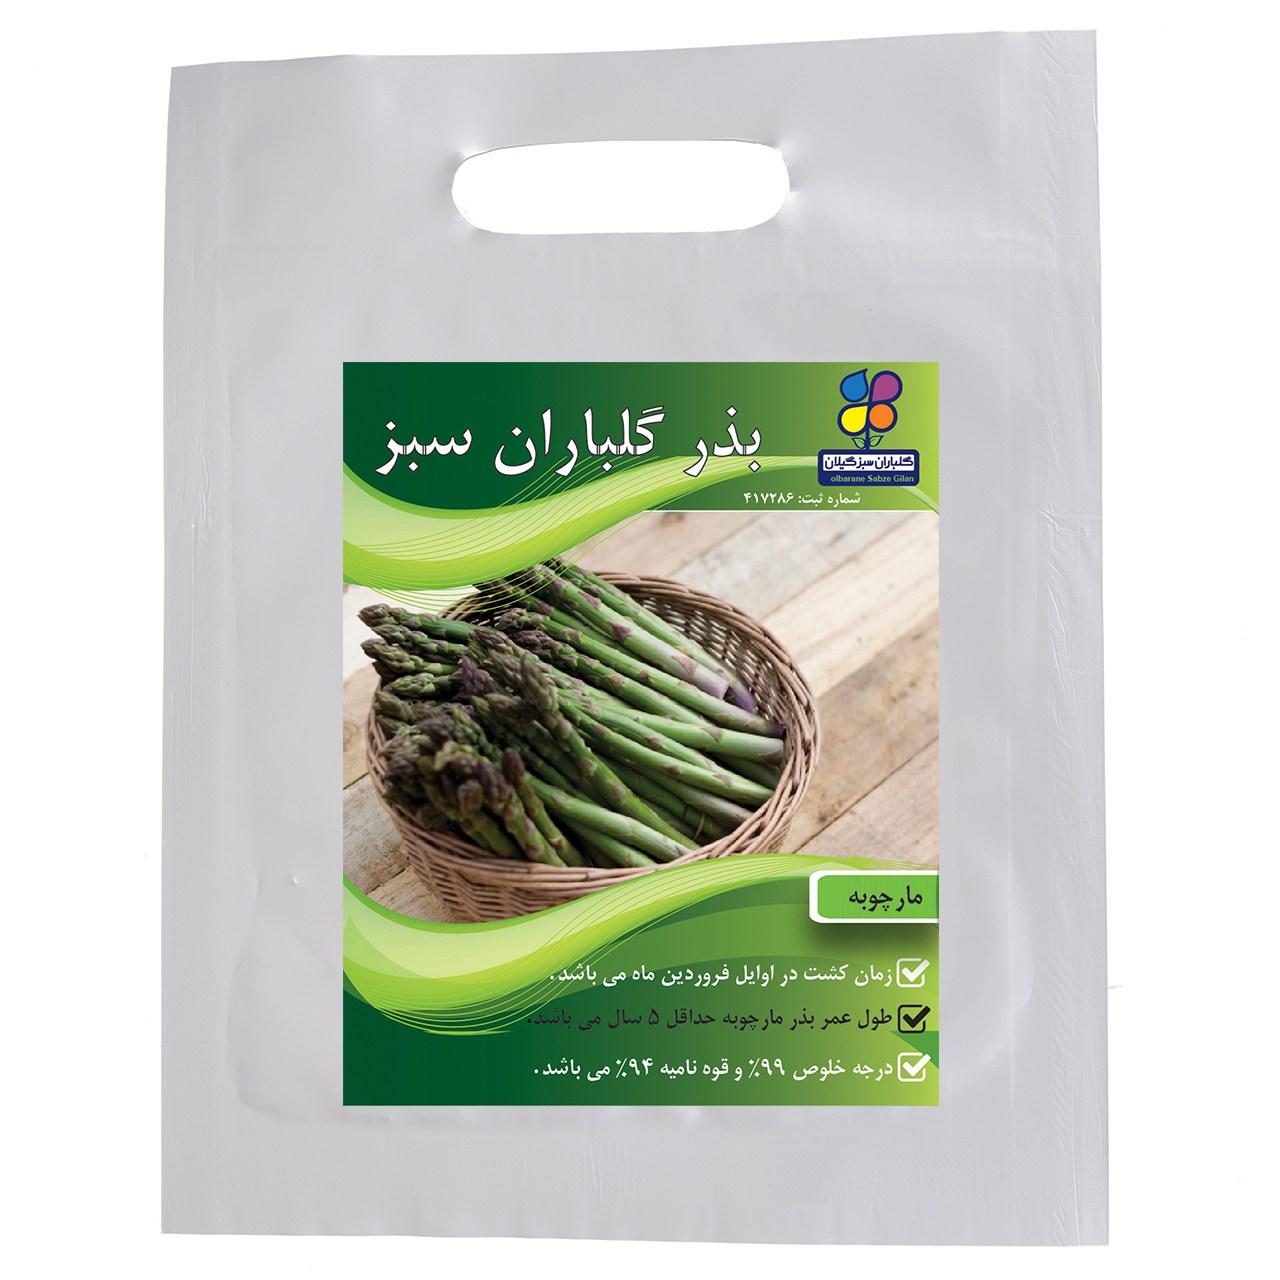 بذر مارچوبه گلباران سبز